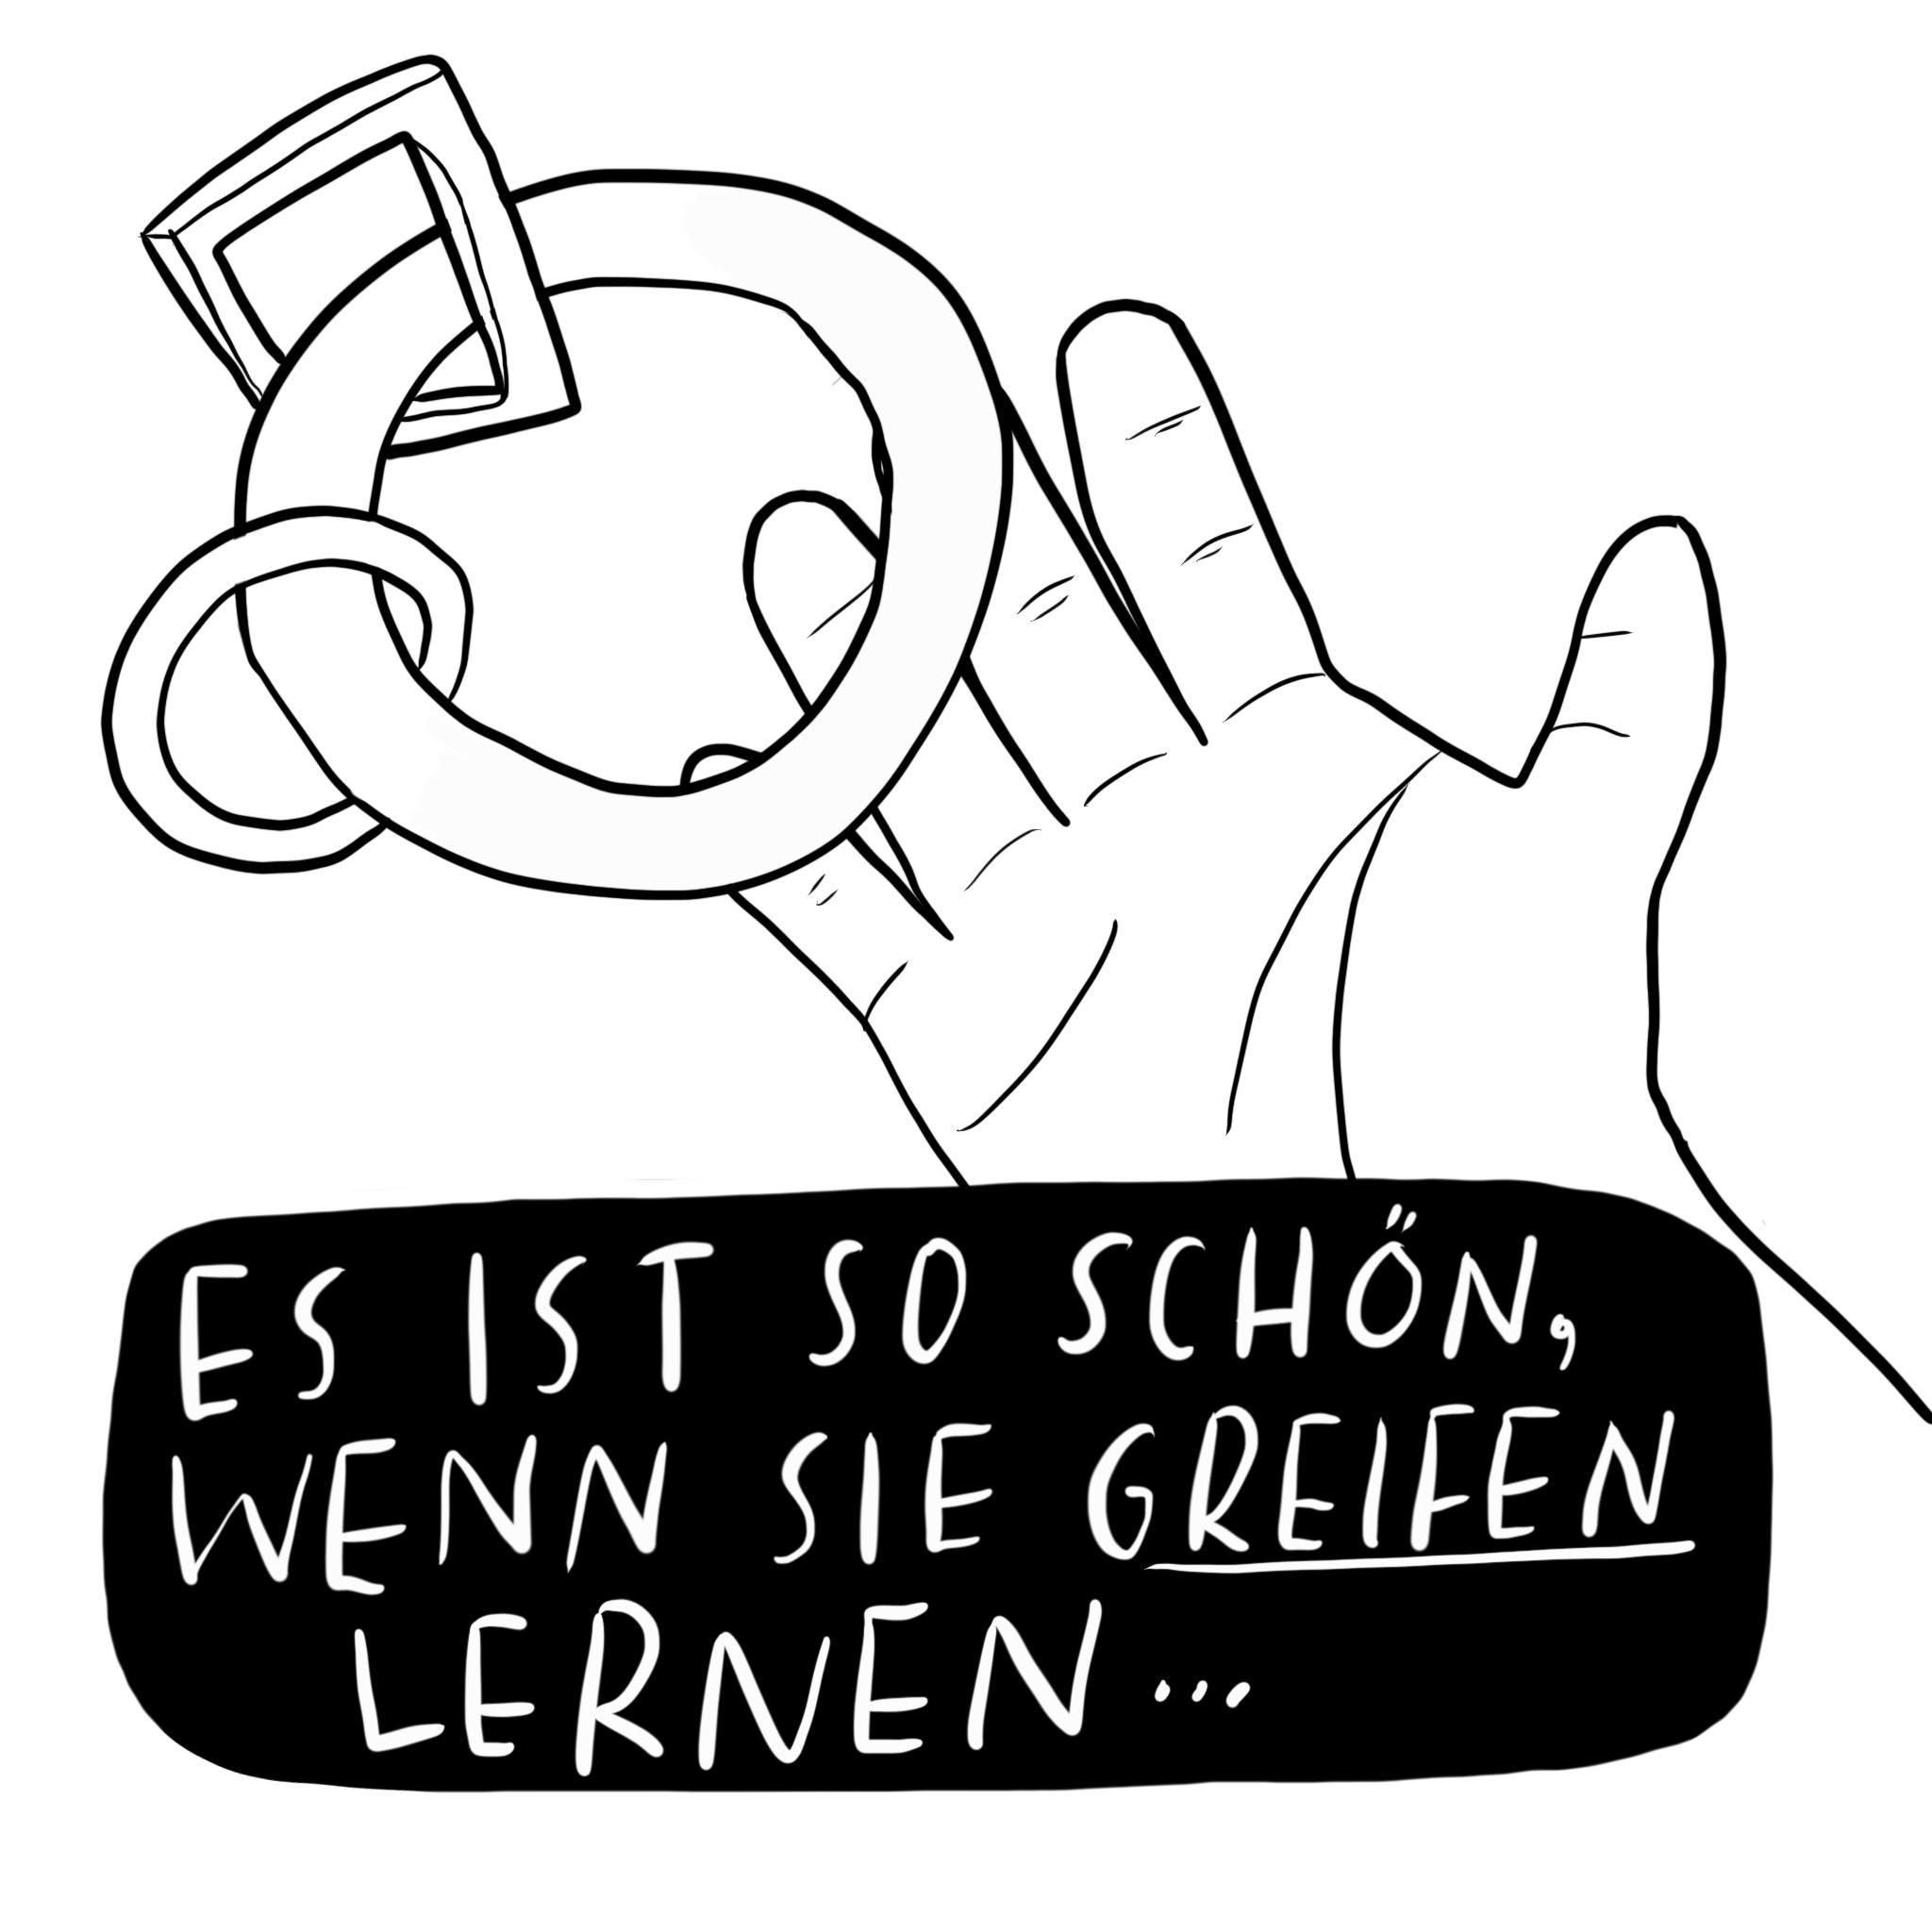 greifen-lernen_frolleinmotte_01.jpg